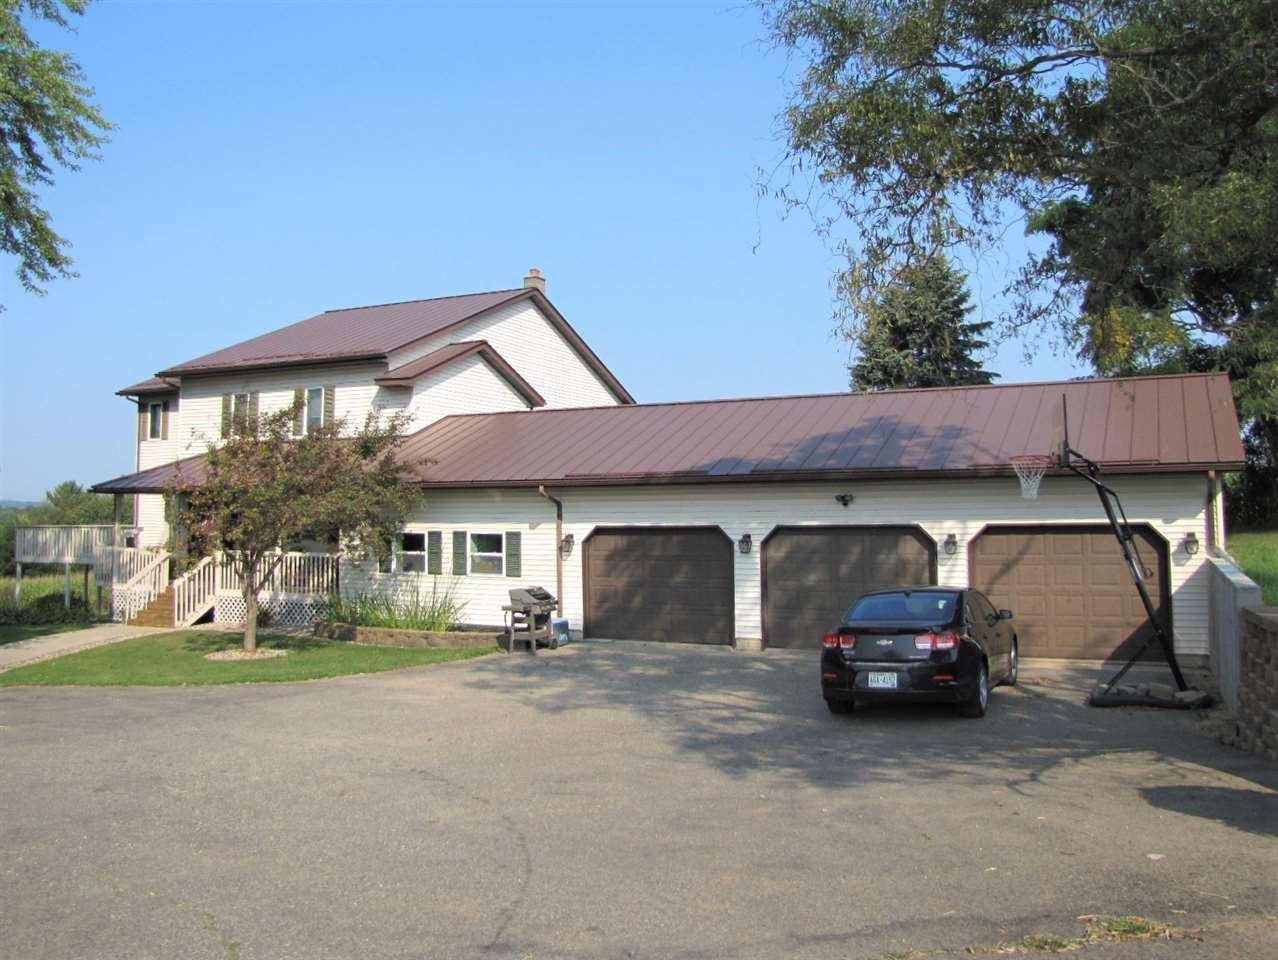 460 E Madison St, Hillsboro, WI 54634 - #: 1891986